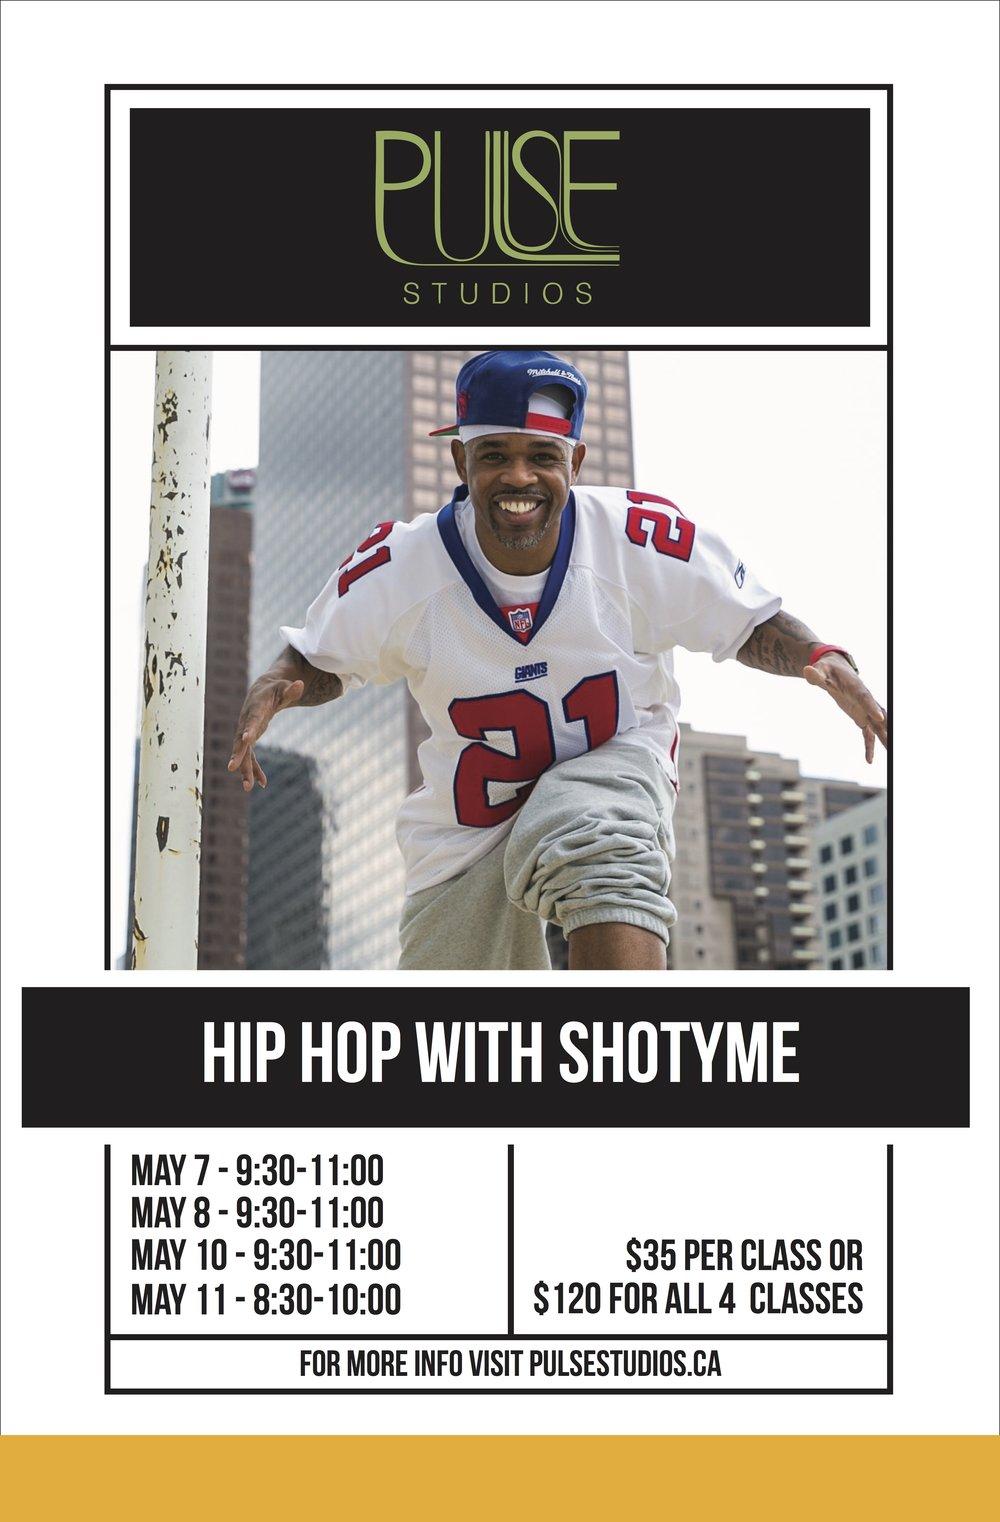 shotyme poster.jpg